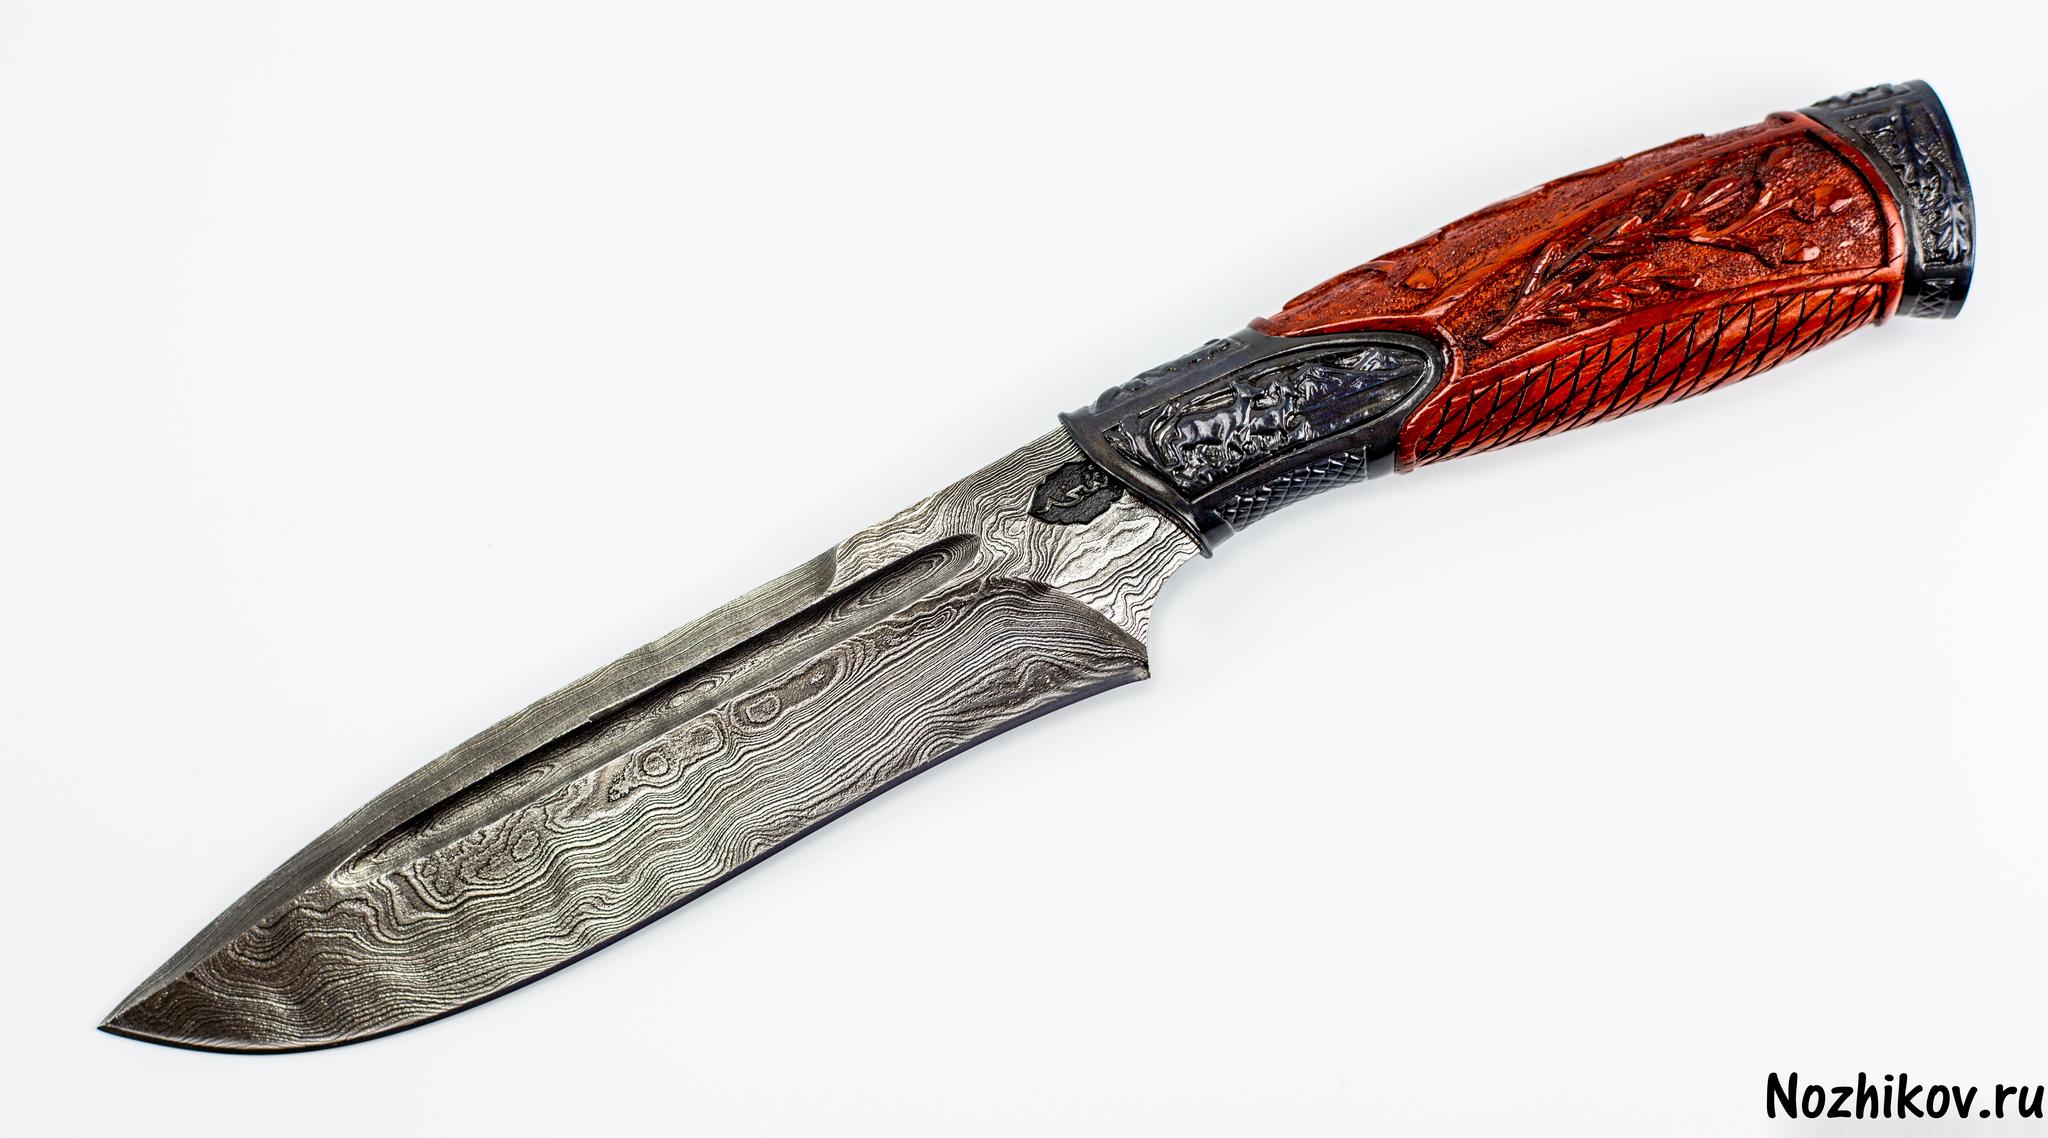 Авторский Нож из Дамаска №34, КизлярНожи Кизляр<br><br>